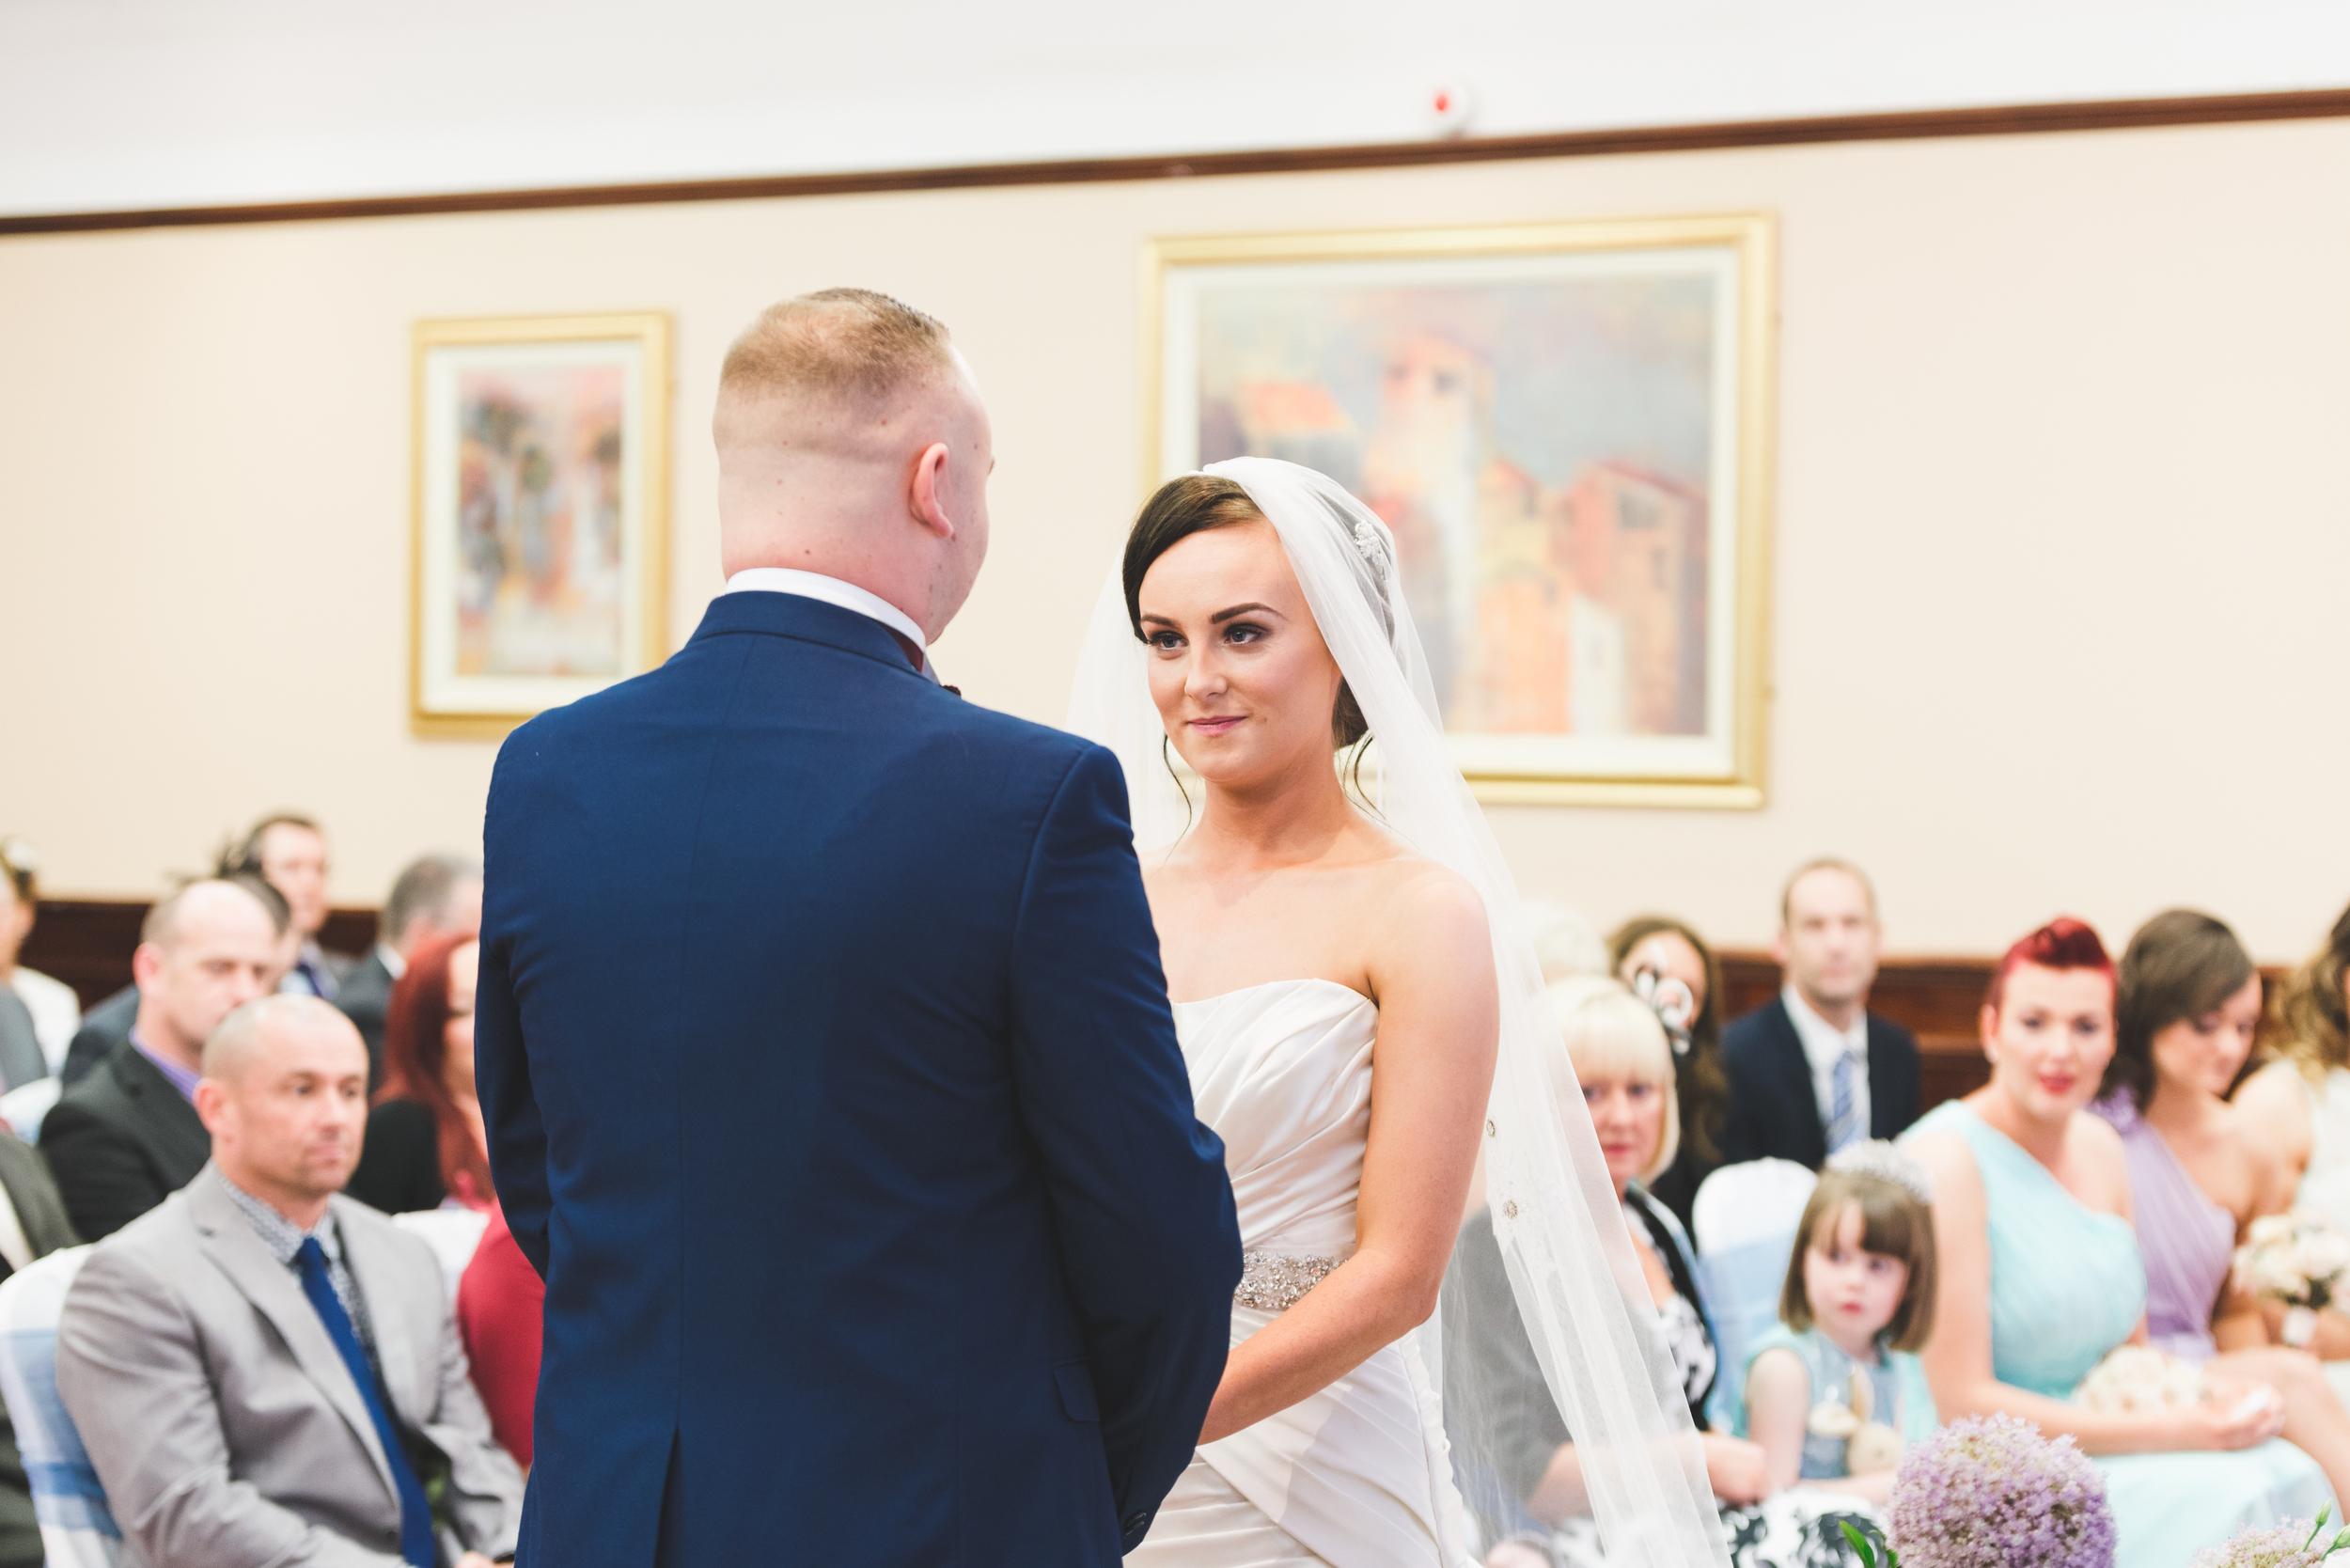 Northern_Ireland_Wedding_Photographer_Purephotoni_Dunsilly_Hotel_Wedding_Ceremony